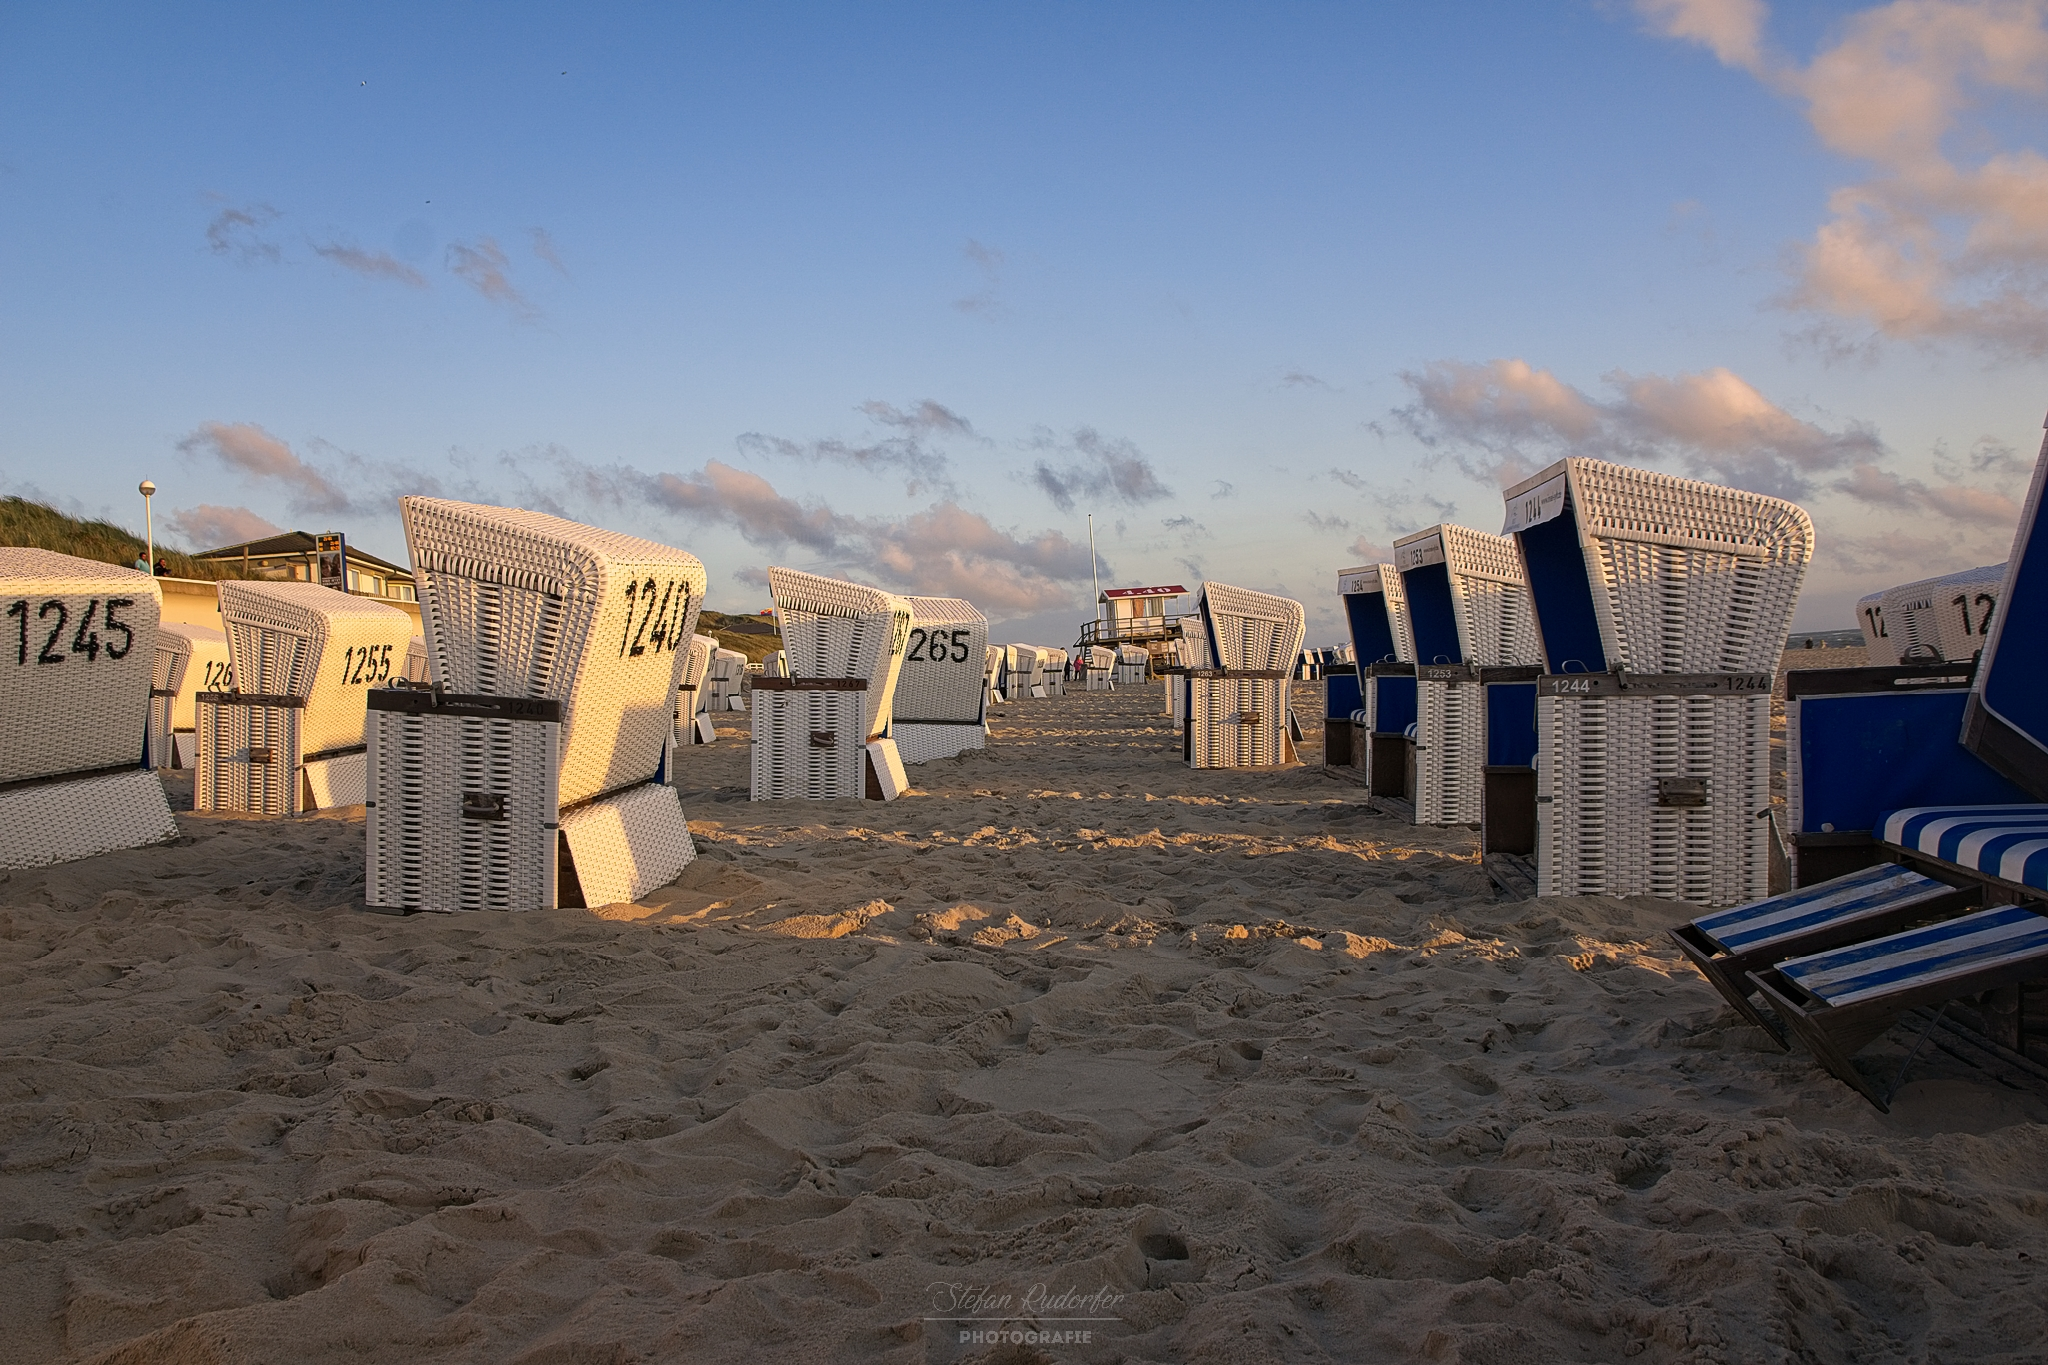 Strandkörbe im Sonnenlicht